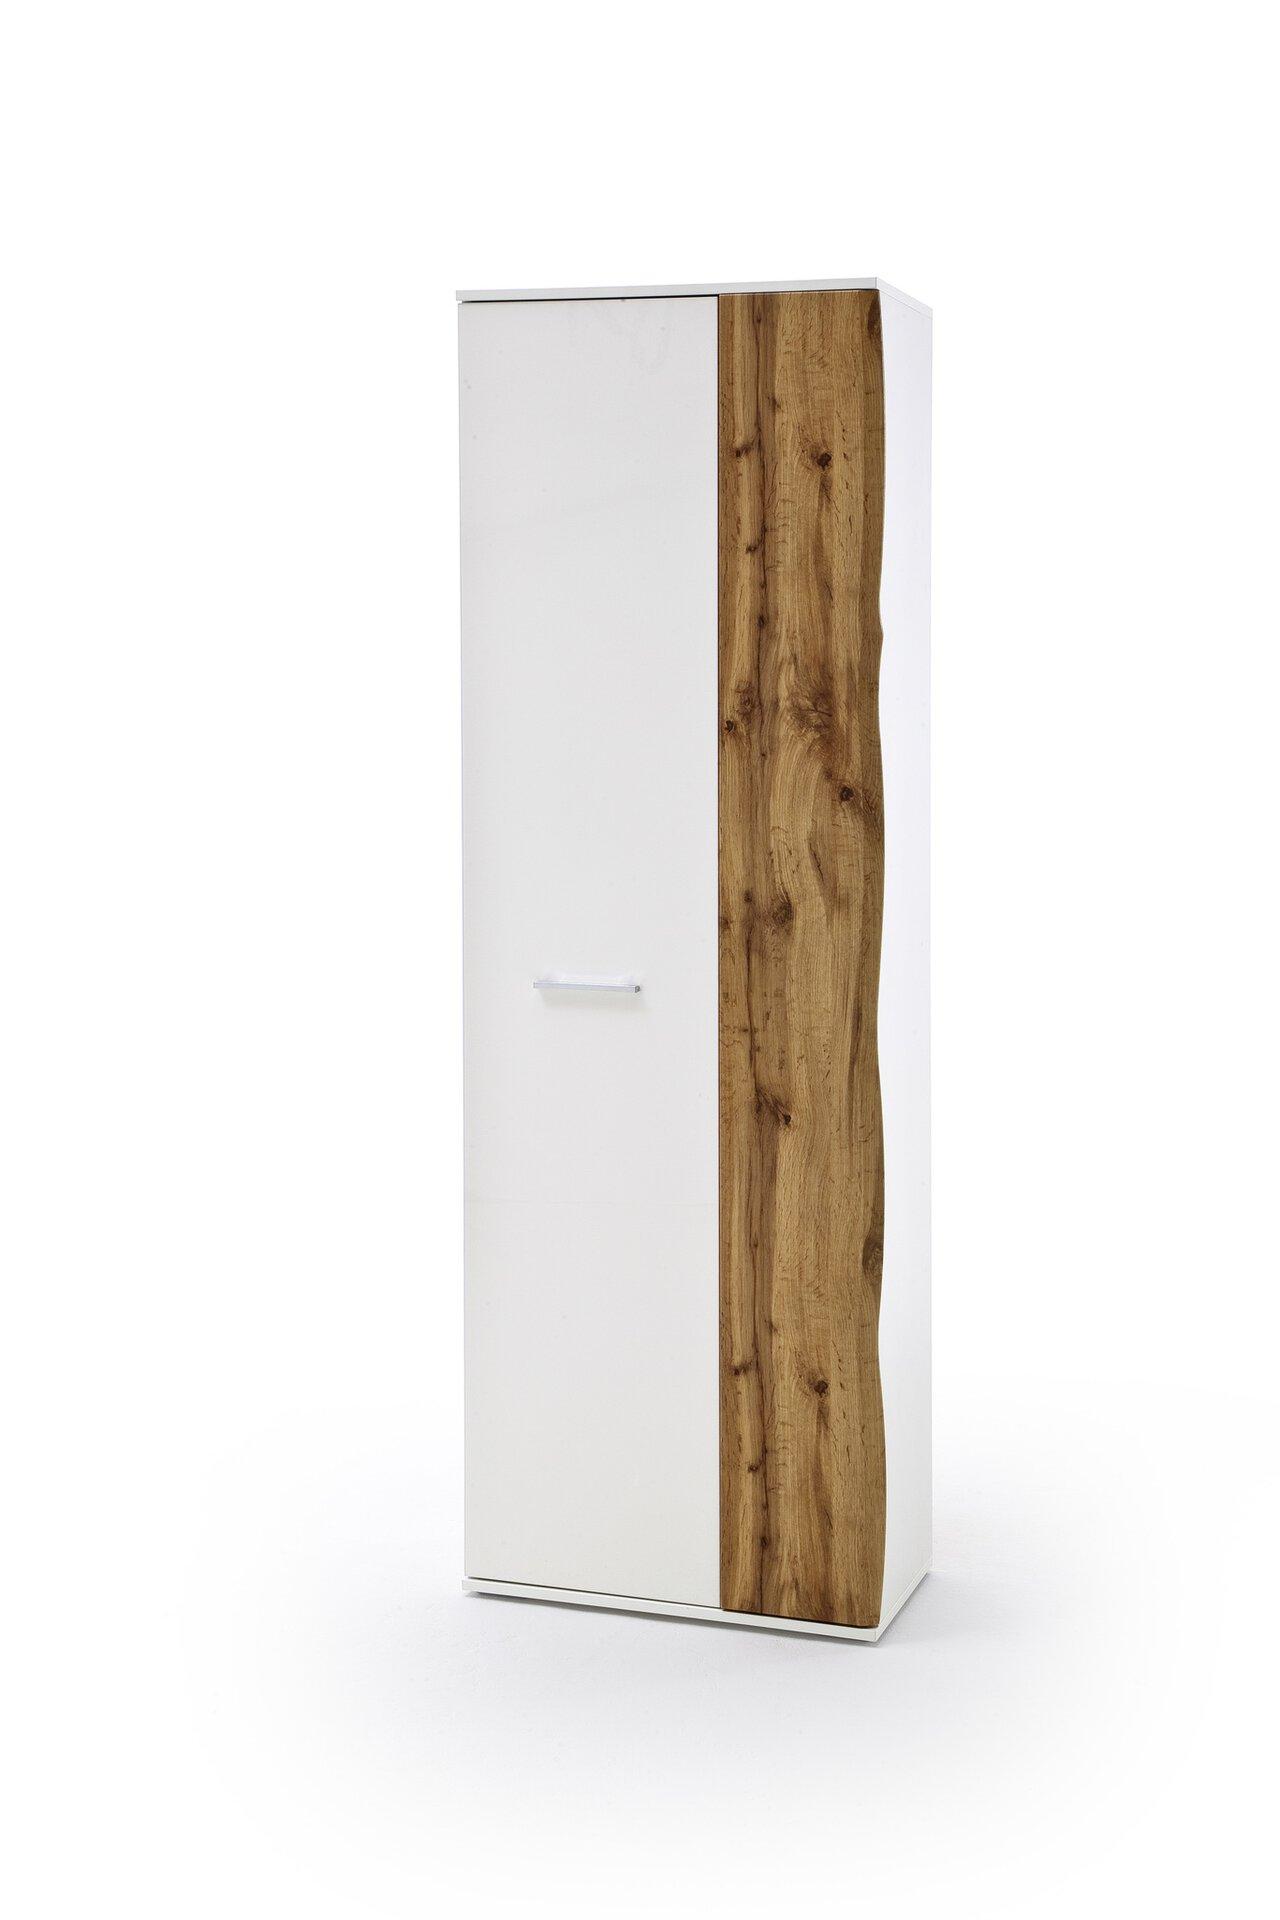 Garderobenschrank GRANADA MCA furniture Holzwerkstoff 38 x 197 x 64 cm